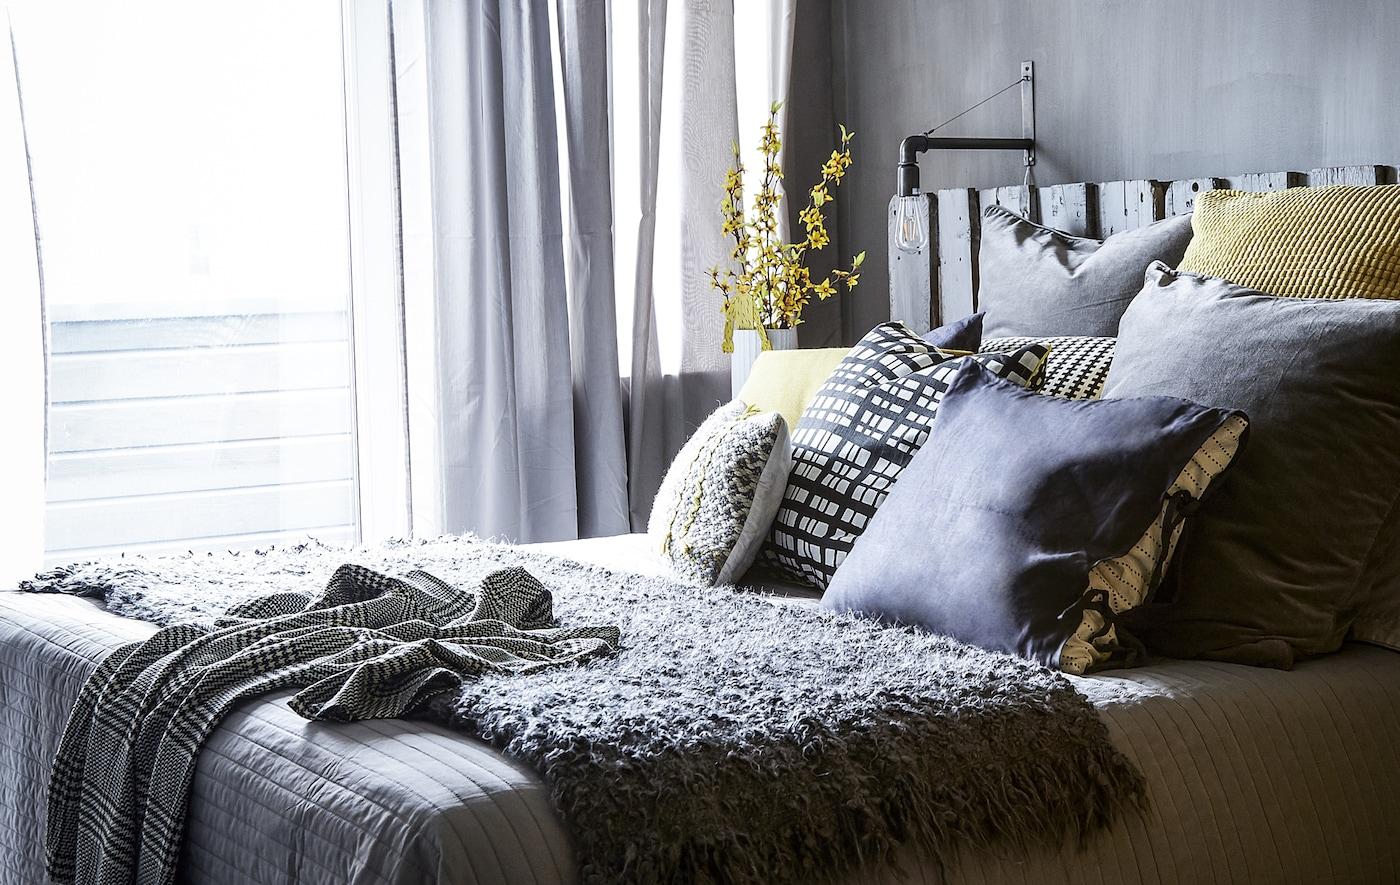 Ein Schlafzimmer in grauem Dekor und mit gelben Kissen